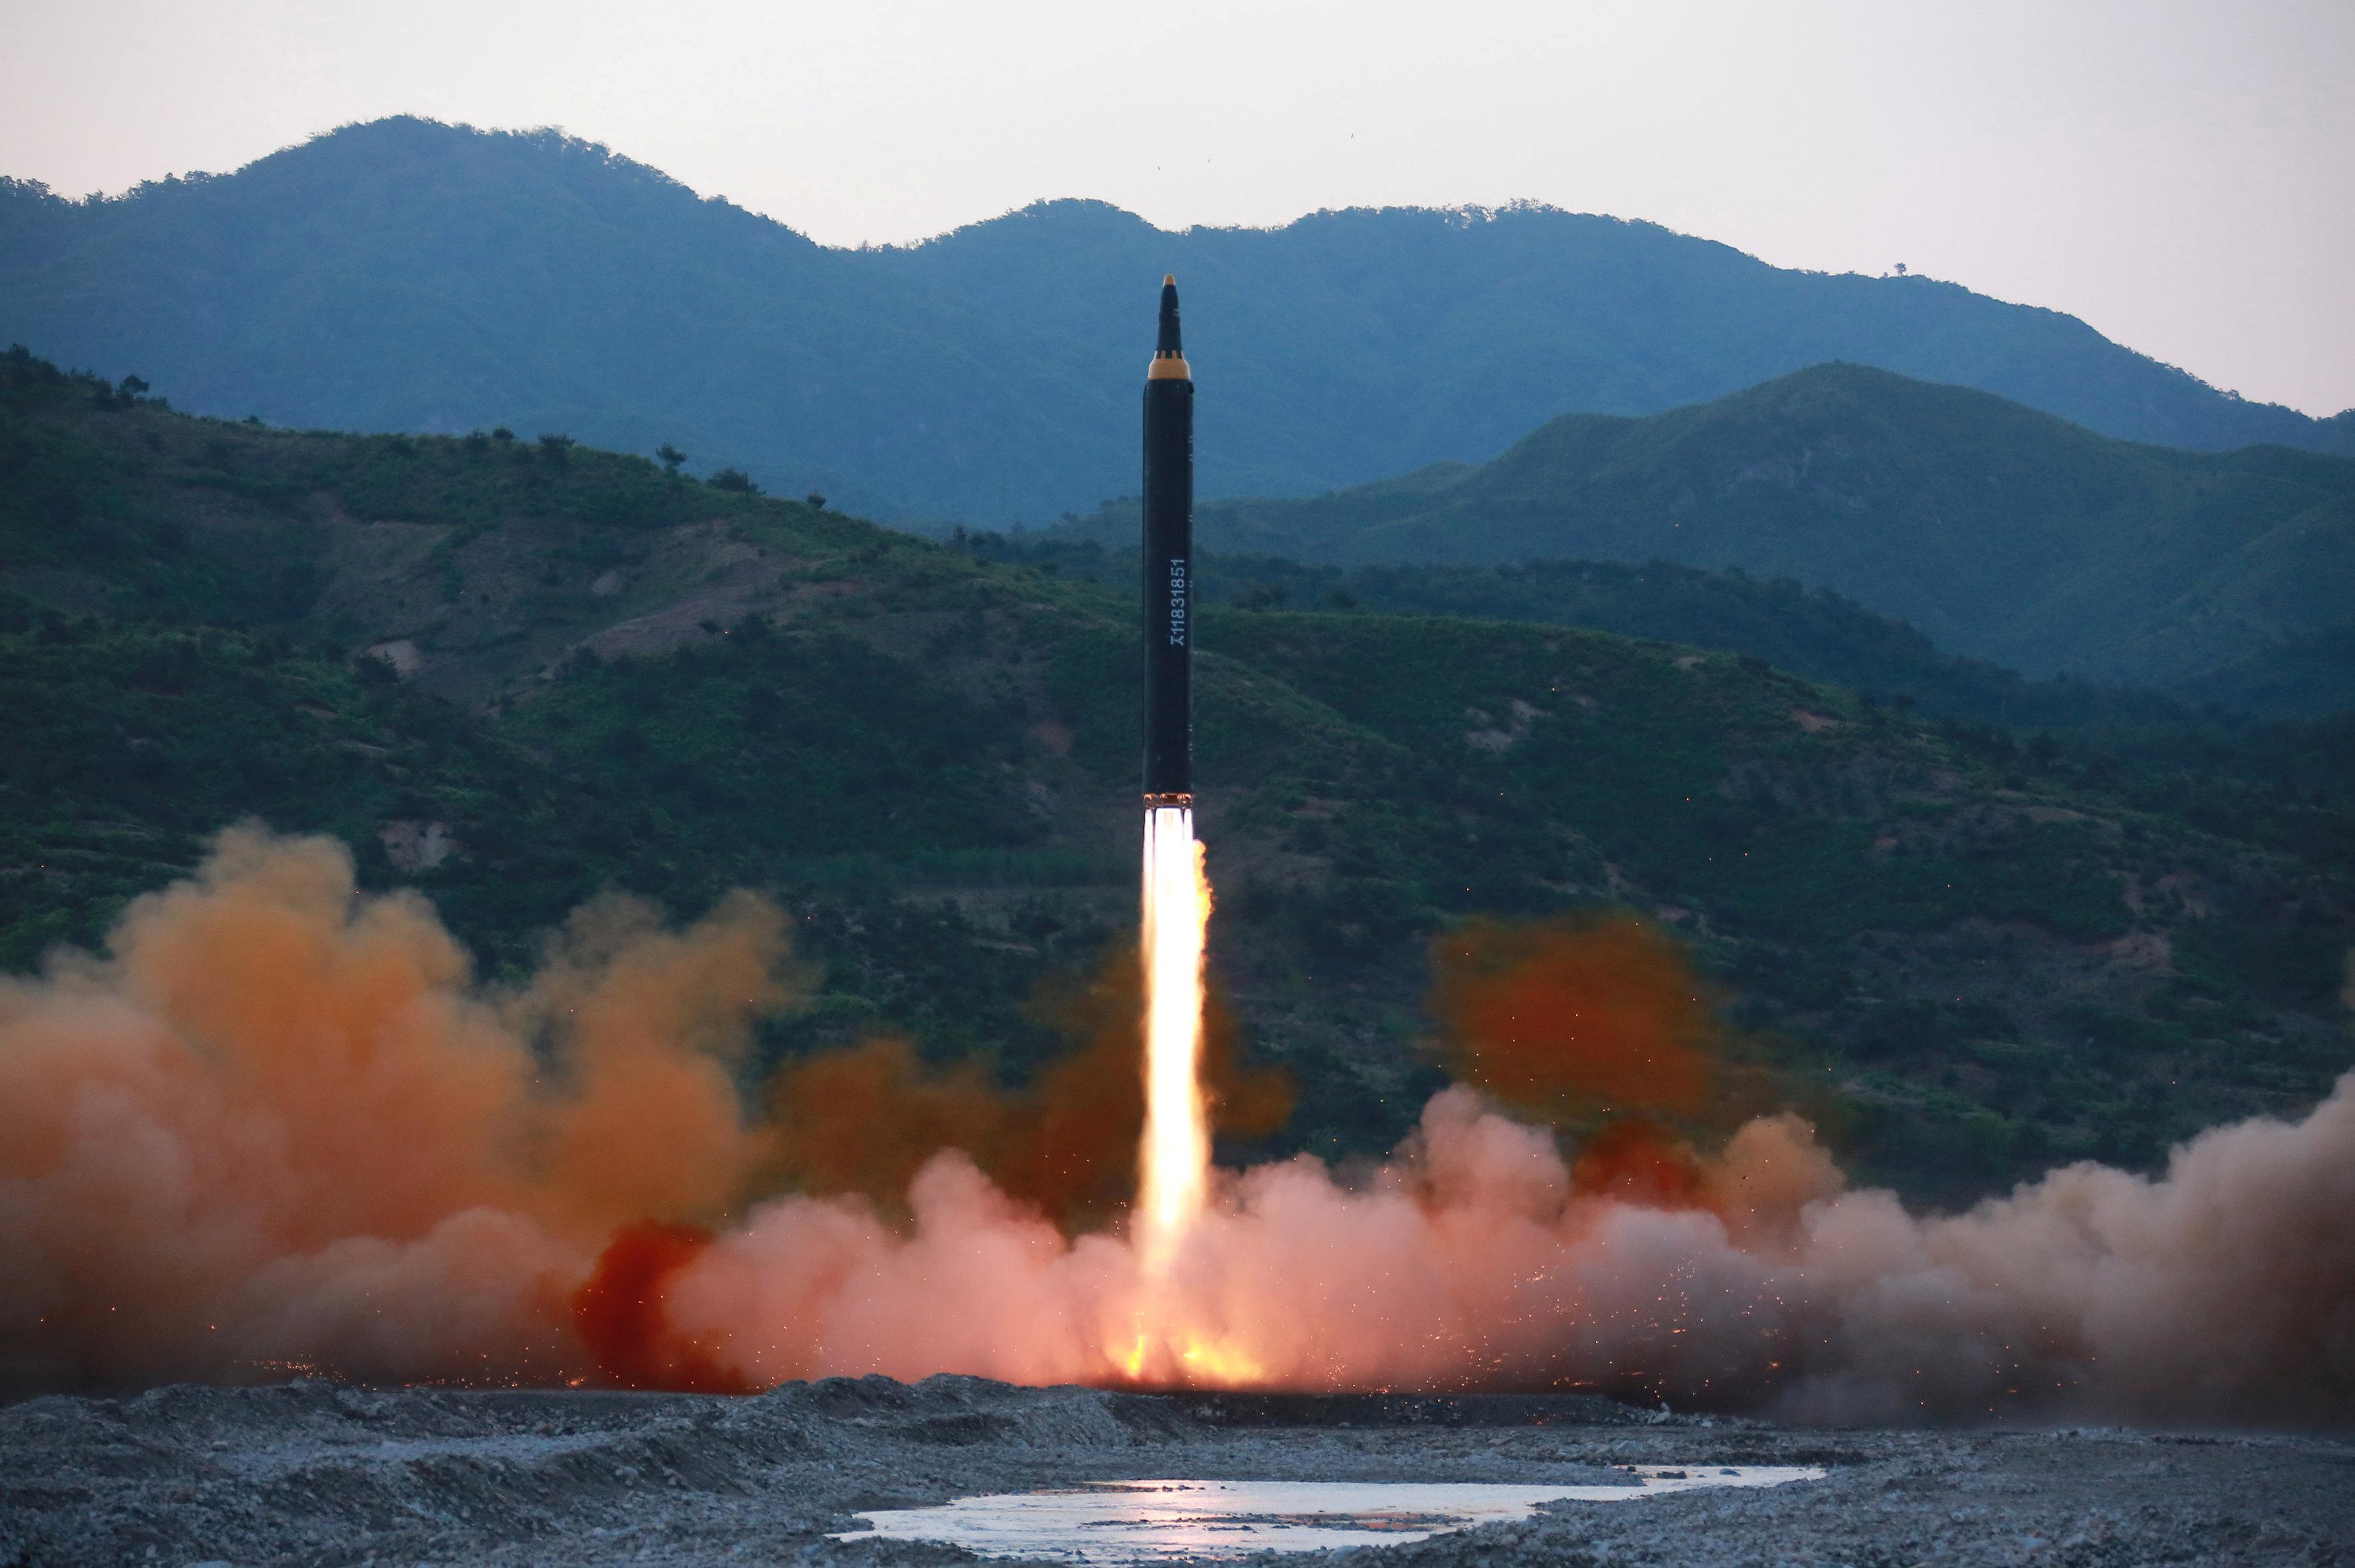 La prueba del misil norcoreano Hwasong-12